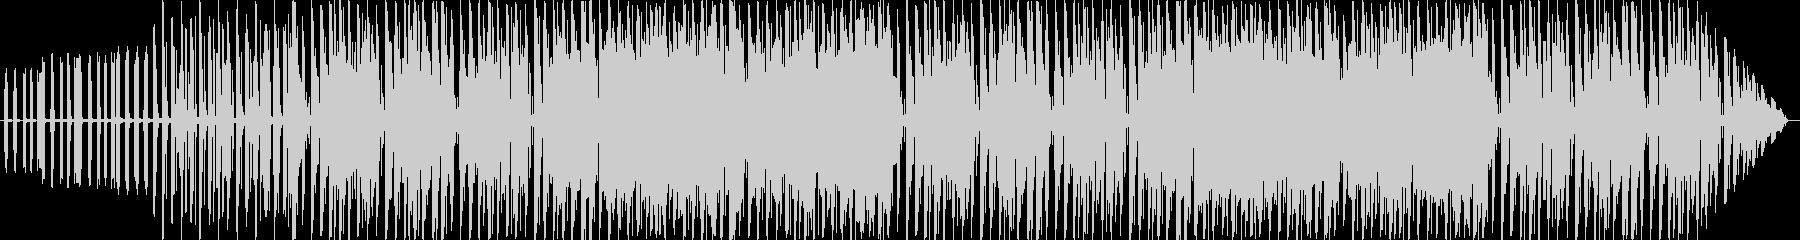 クールで軽快な短いループBGMの未再生の波形